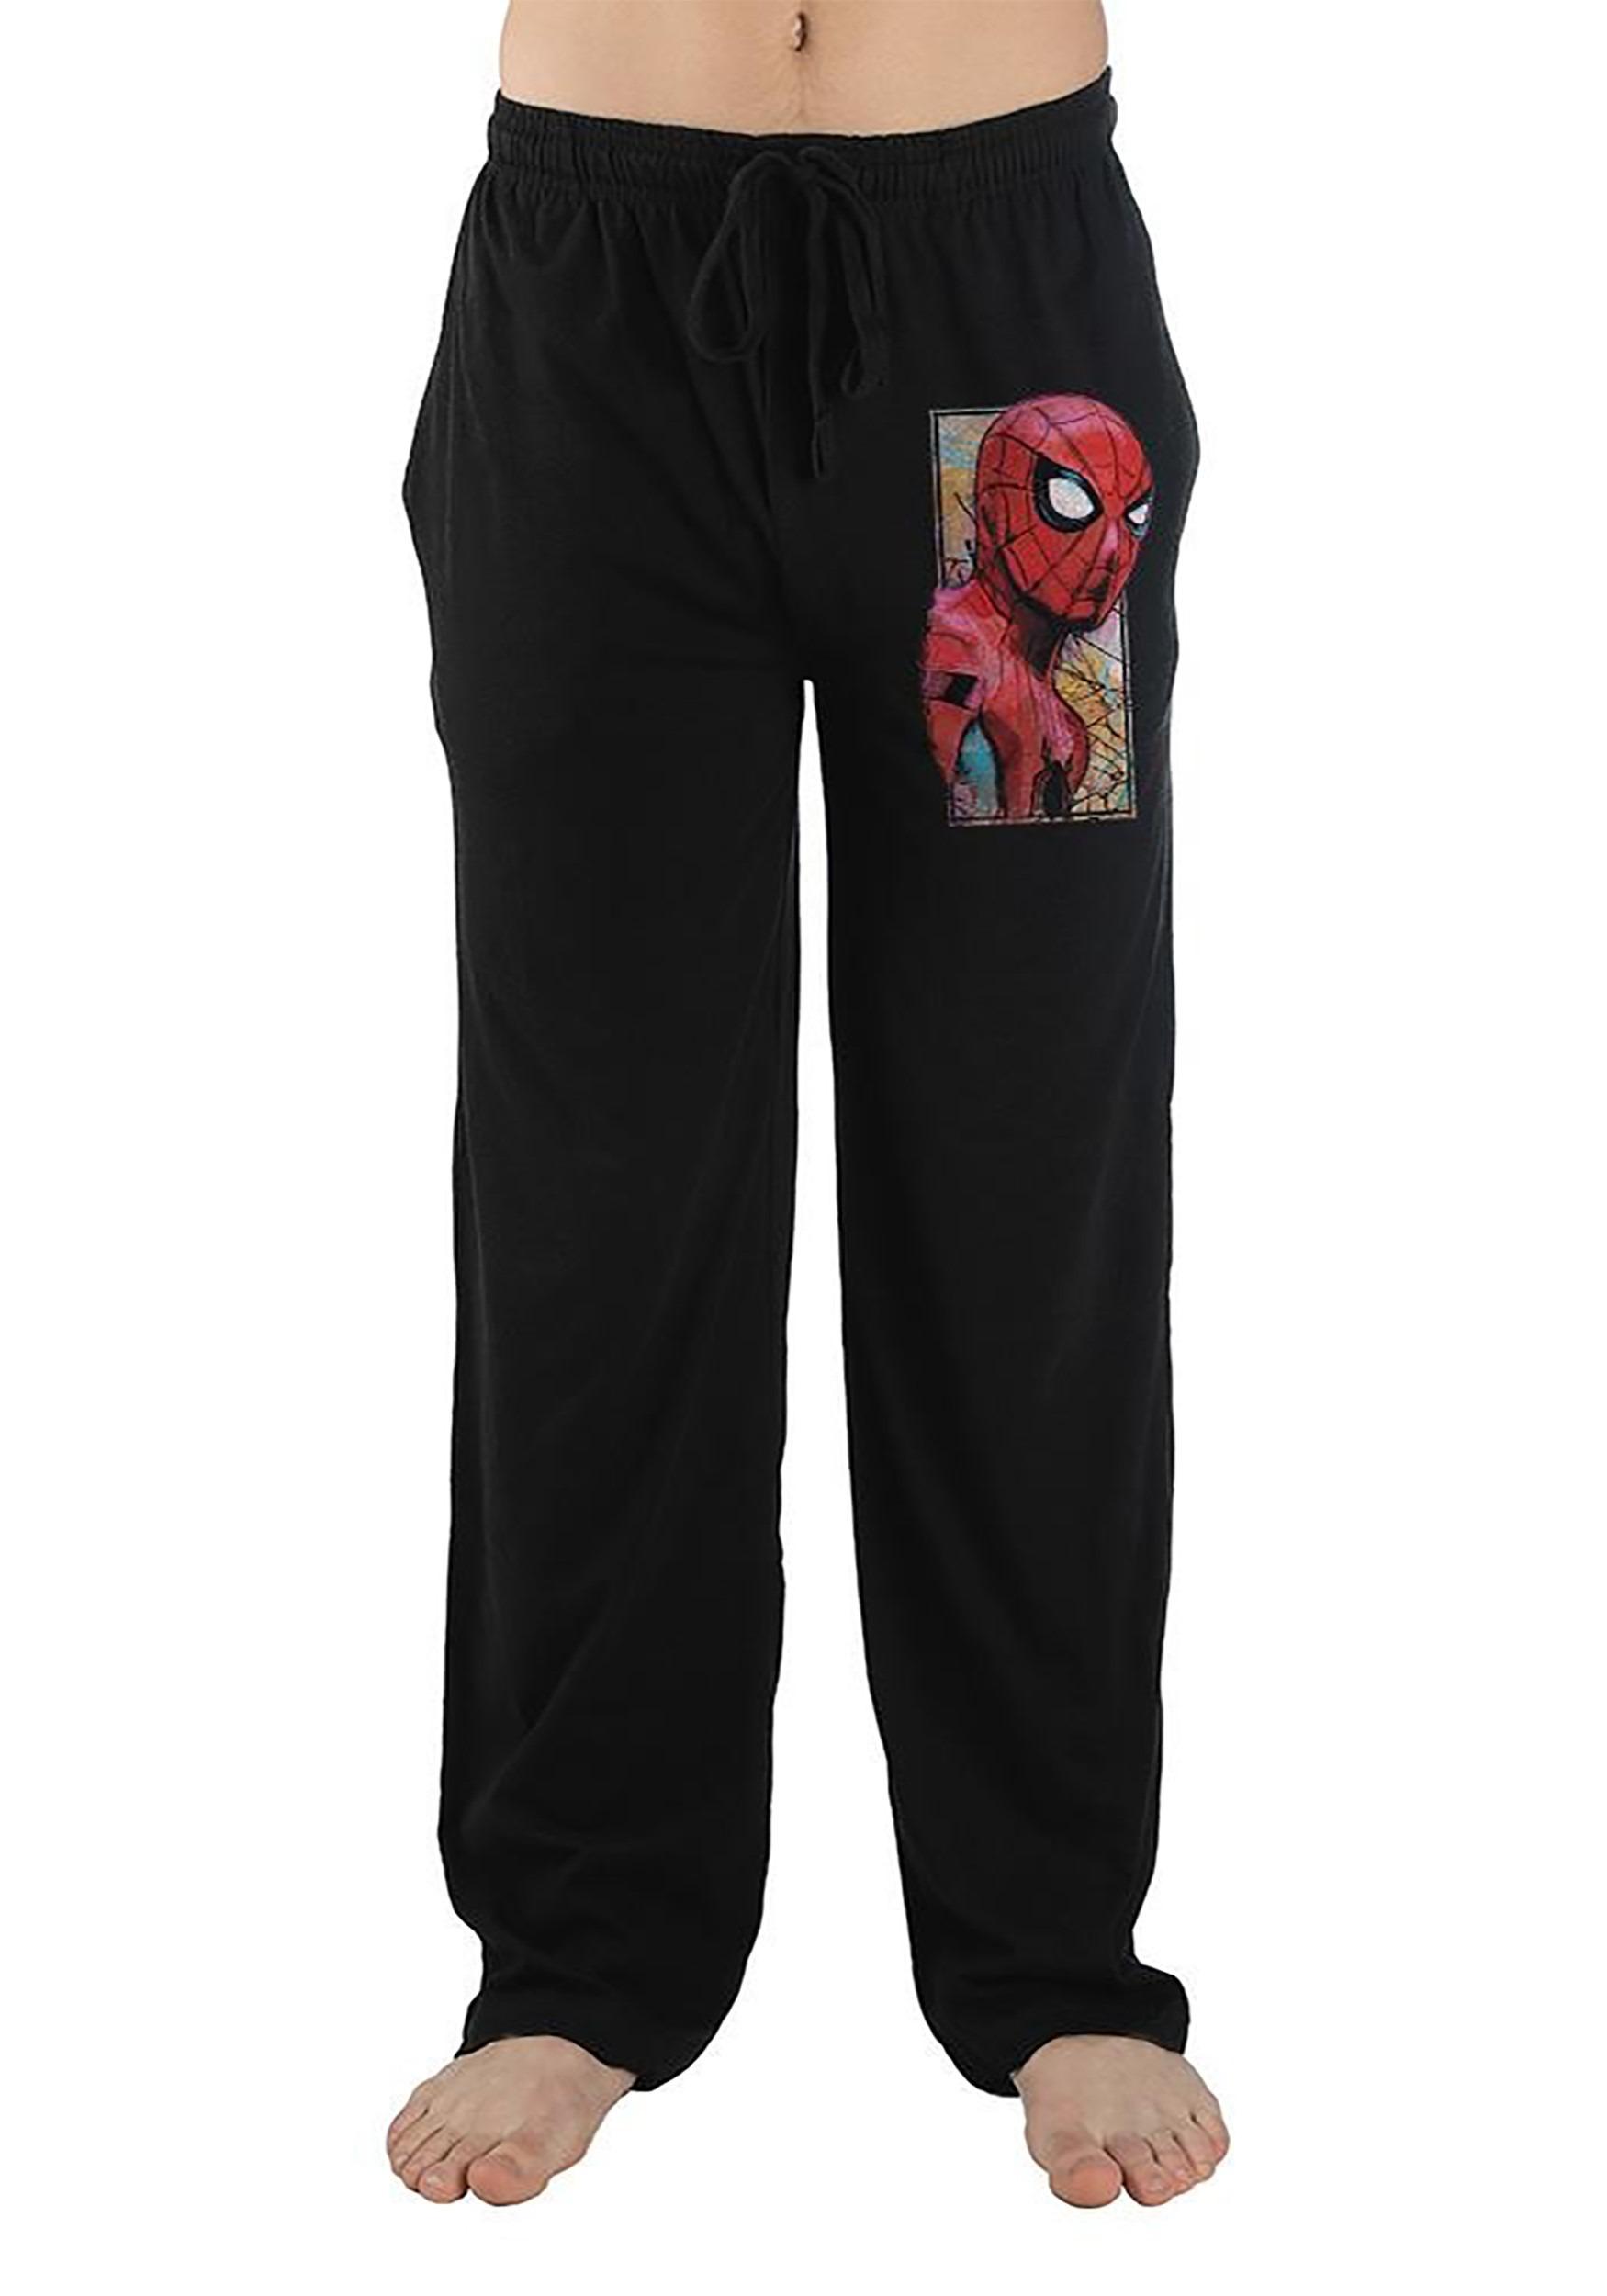 Adult Spider-Man Sleep Pants